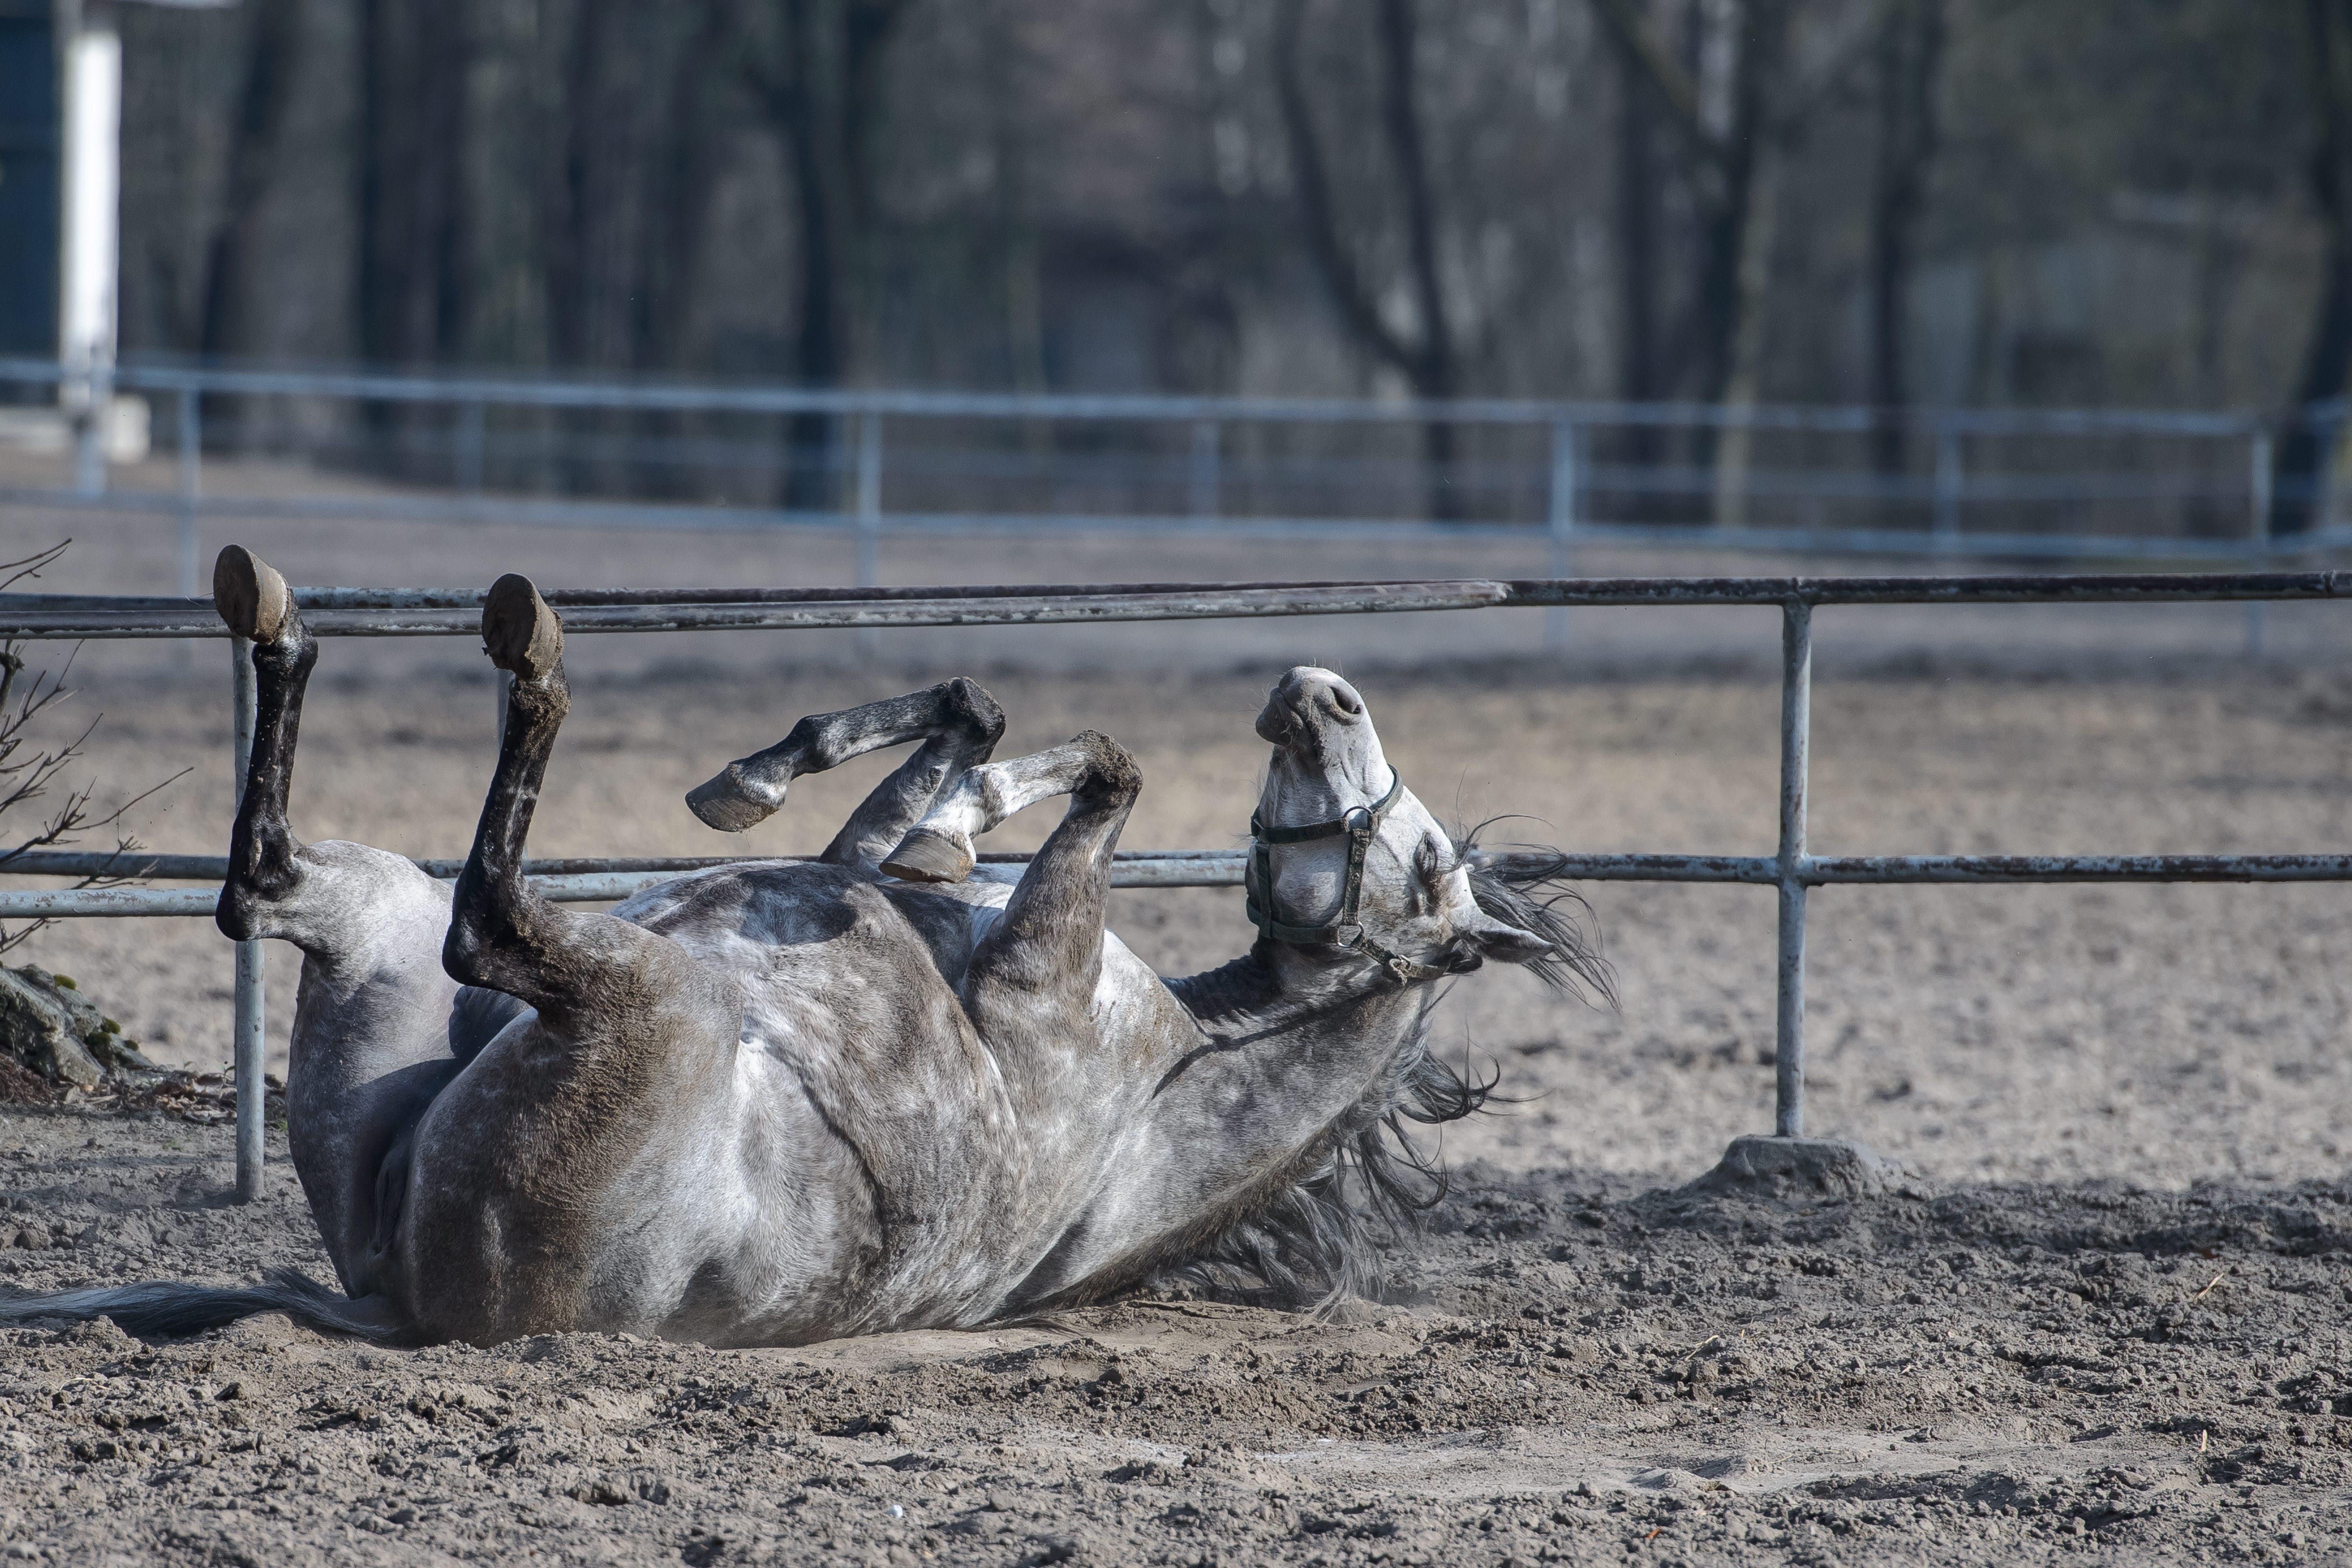 Konie Arabskie śmierć Klaczy Shirley Watts W Janowie Podlaskim